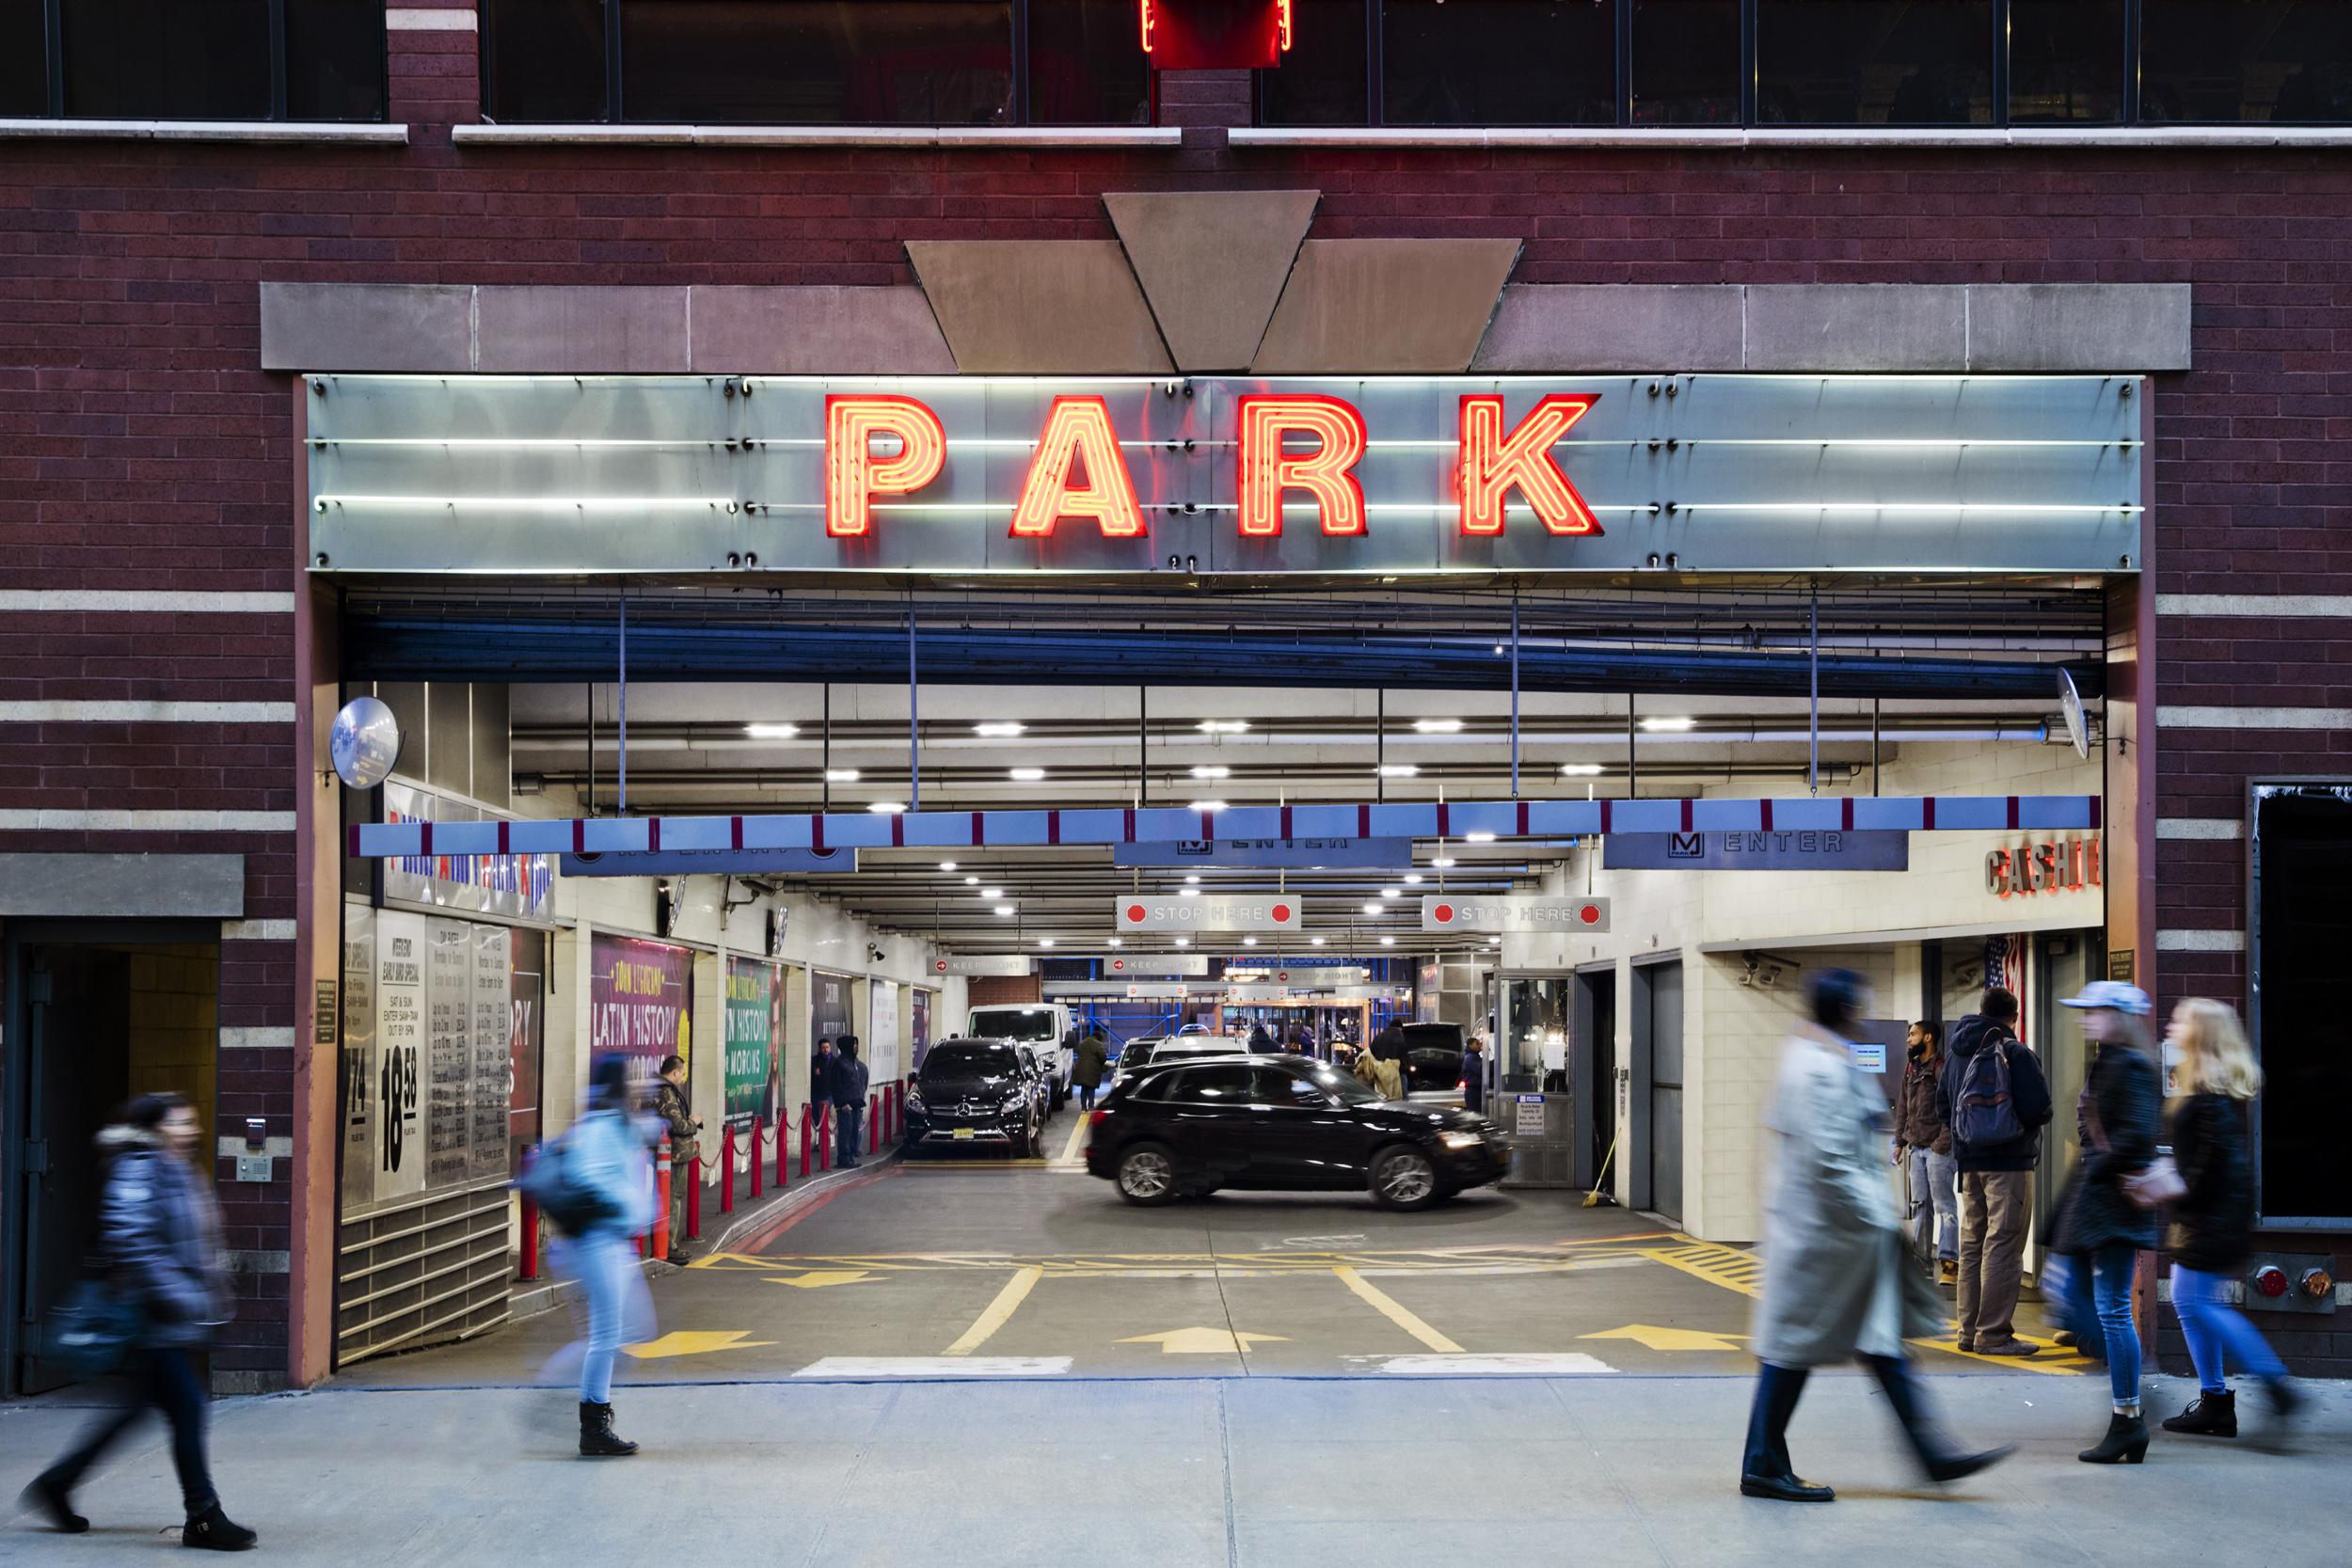 Parking garages madison square garden garden and modern - Parking garages near madison square garden ...